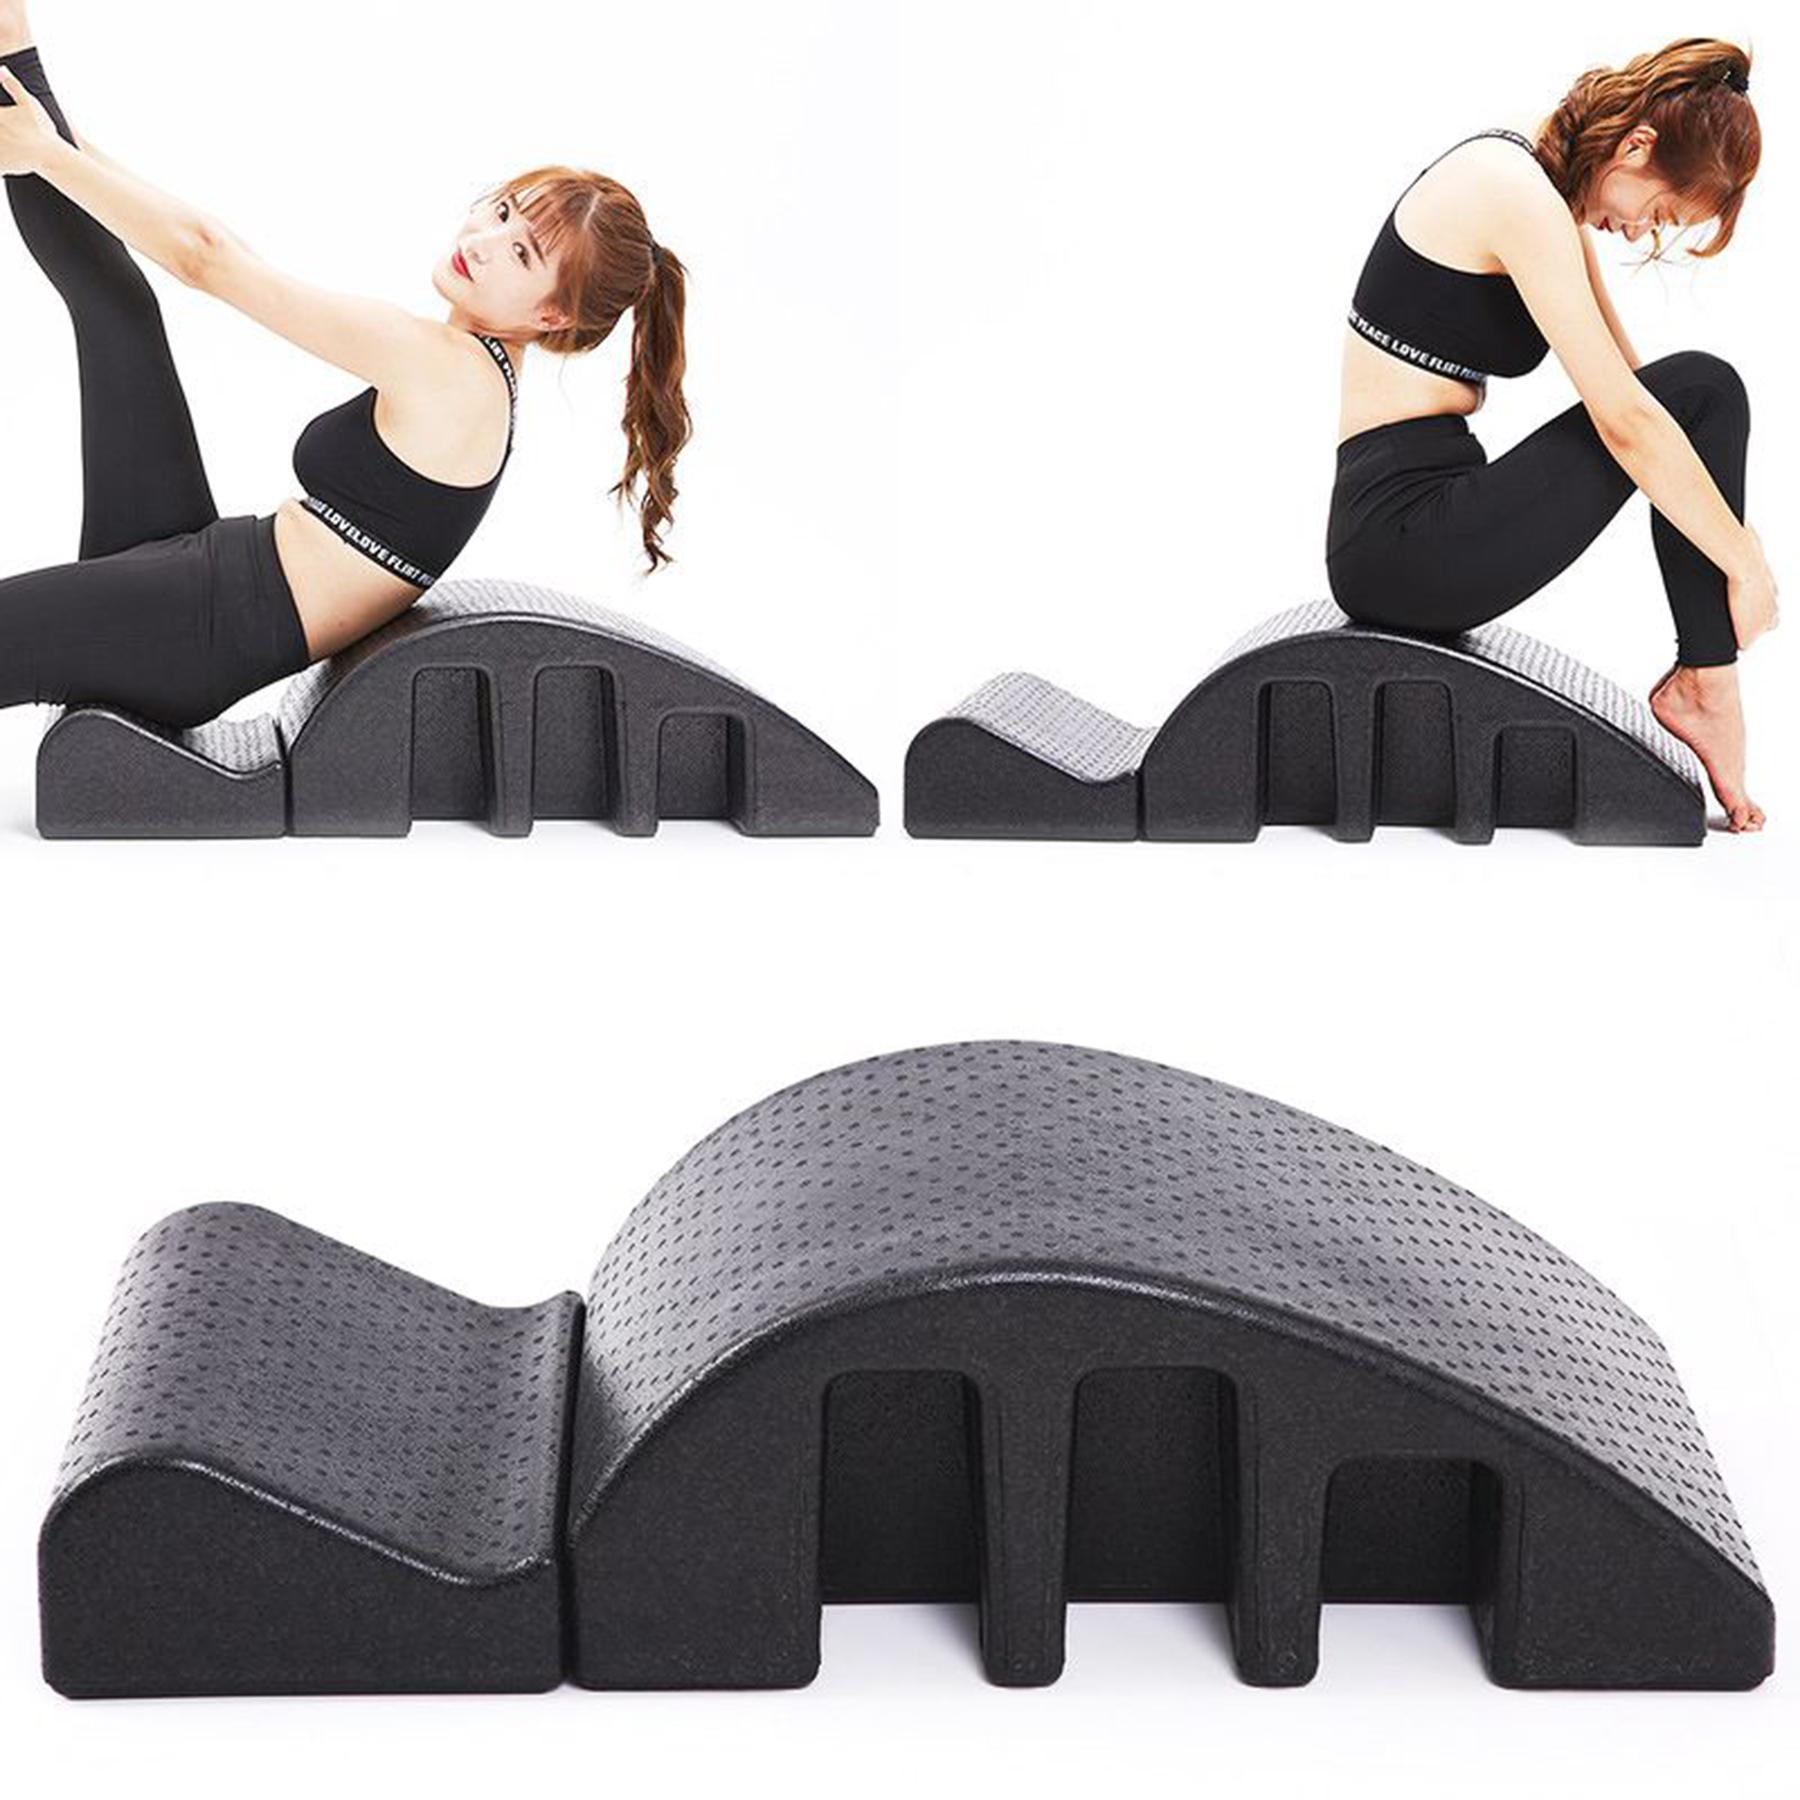 Bảng giá Dụng cụ Yoga tập lưng và hỗ trợ định hình cột sống Victoria MQ-454